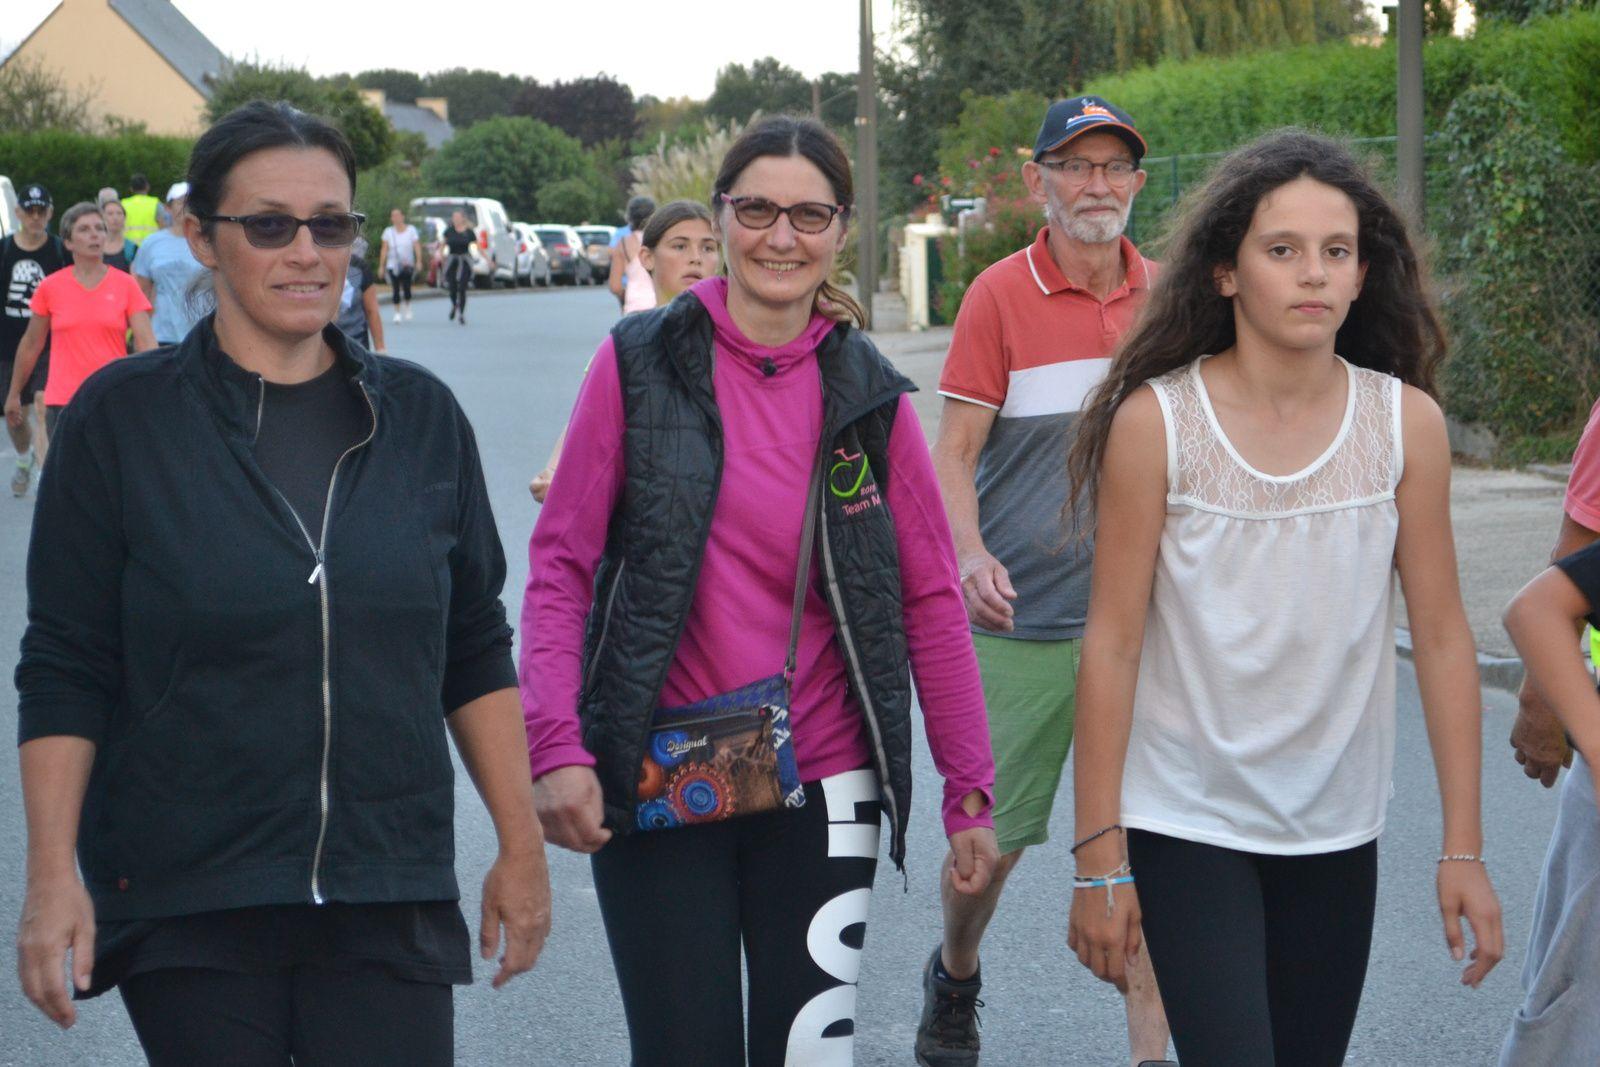 Les marcheurs du 5km marche.